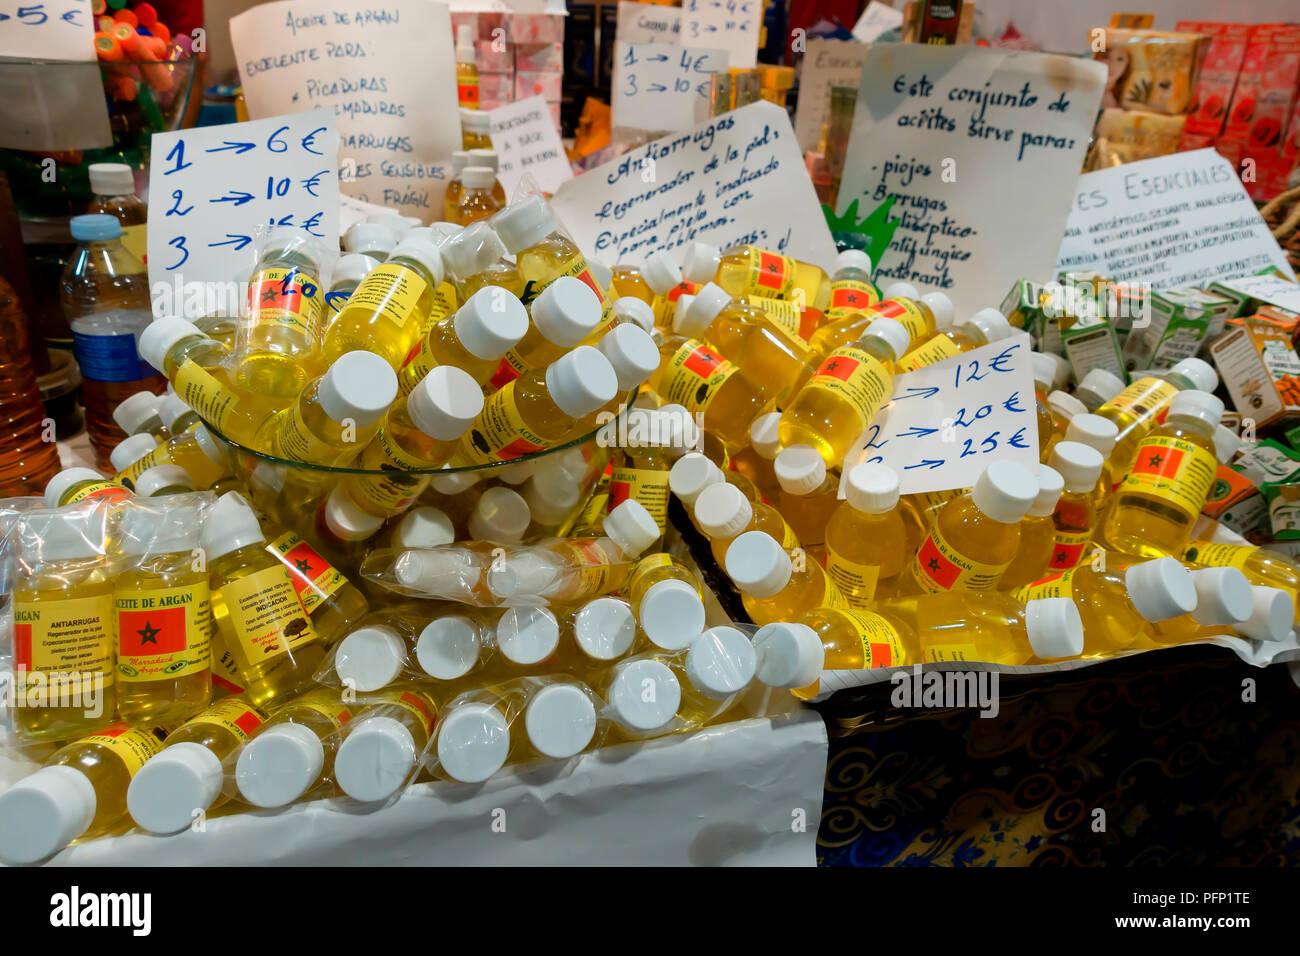 Un stand con vendita di olio di Argan a Gijon Fair 2018. Agosto 16, 2018. Spagna. Antiossidante e prodotto di guarigione e di più. Immagini Stock